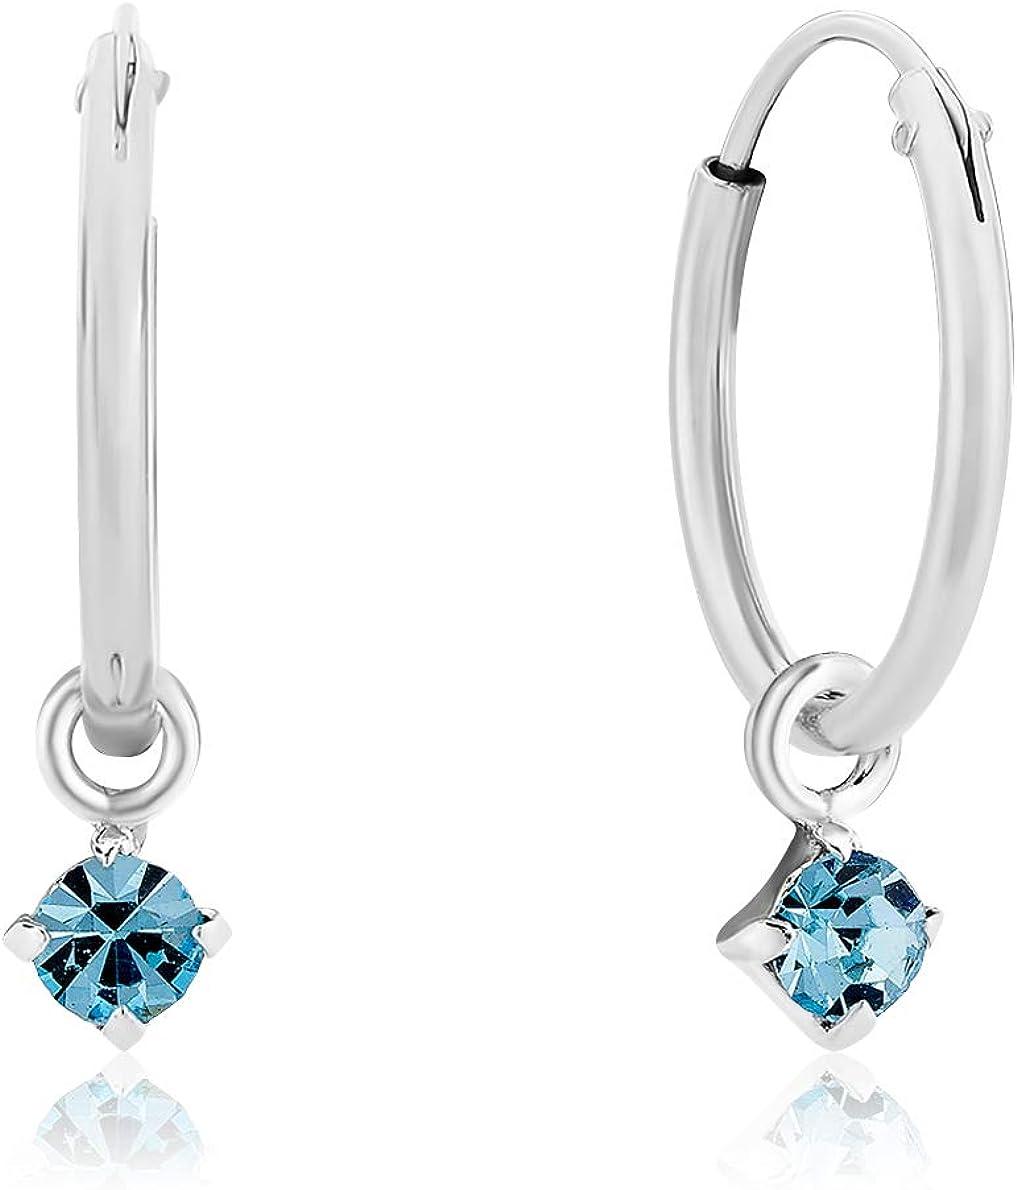 DTPSilver - Pendientes de aro pequeños y redondos con cristales de Swarovski, plata de ley 925, color aguamarina